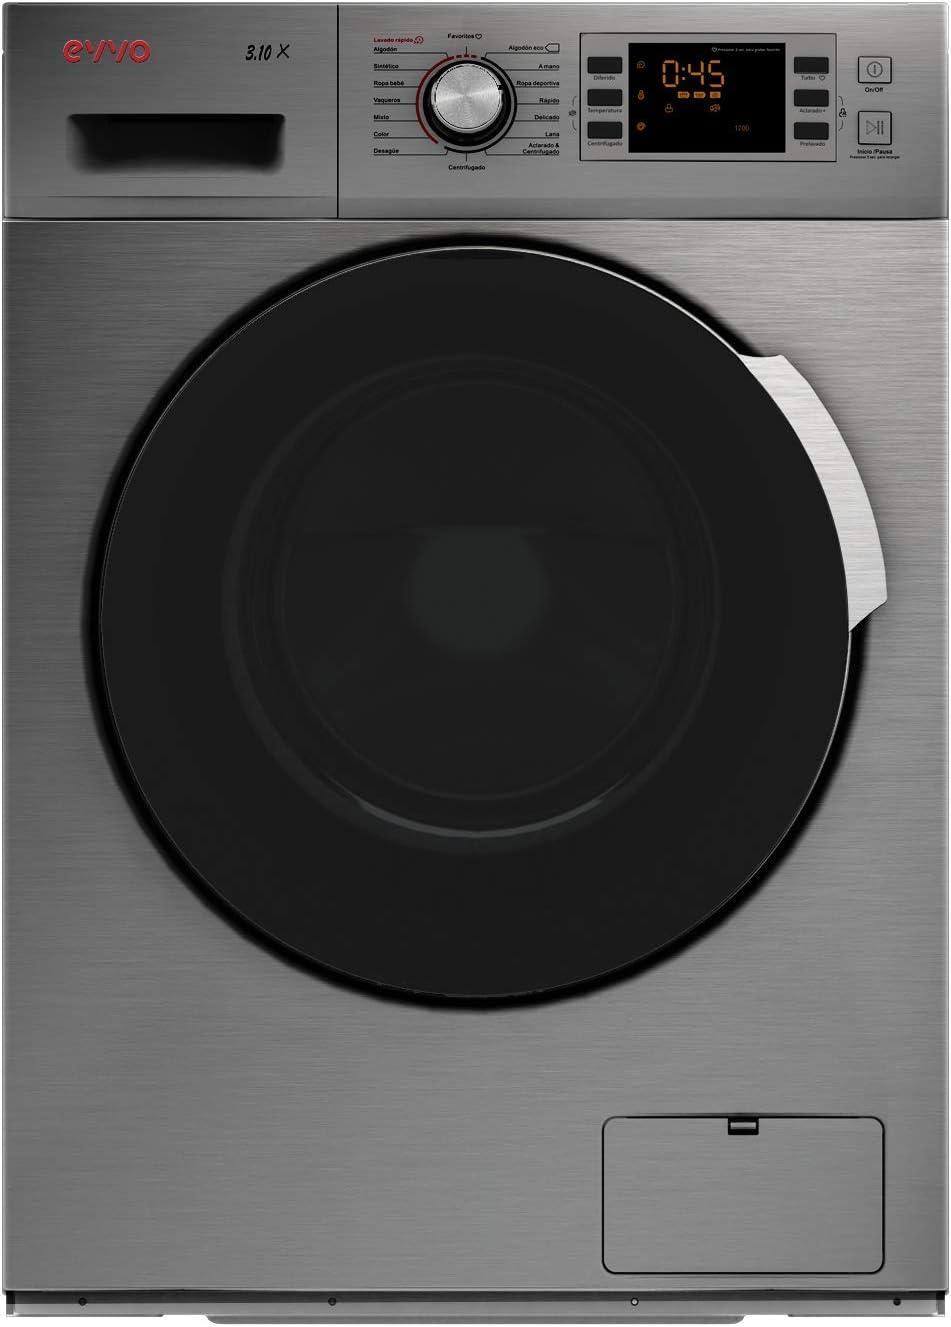 EVVO 3.10DX - Modelo 3.10DX Lavadora de carga frontal de 10 KG y 1600 RPM [Eficiencia Energética: A+++ (-30)] - Marca Española - 4 años de Garantía - Color Inox